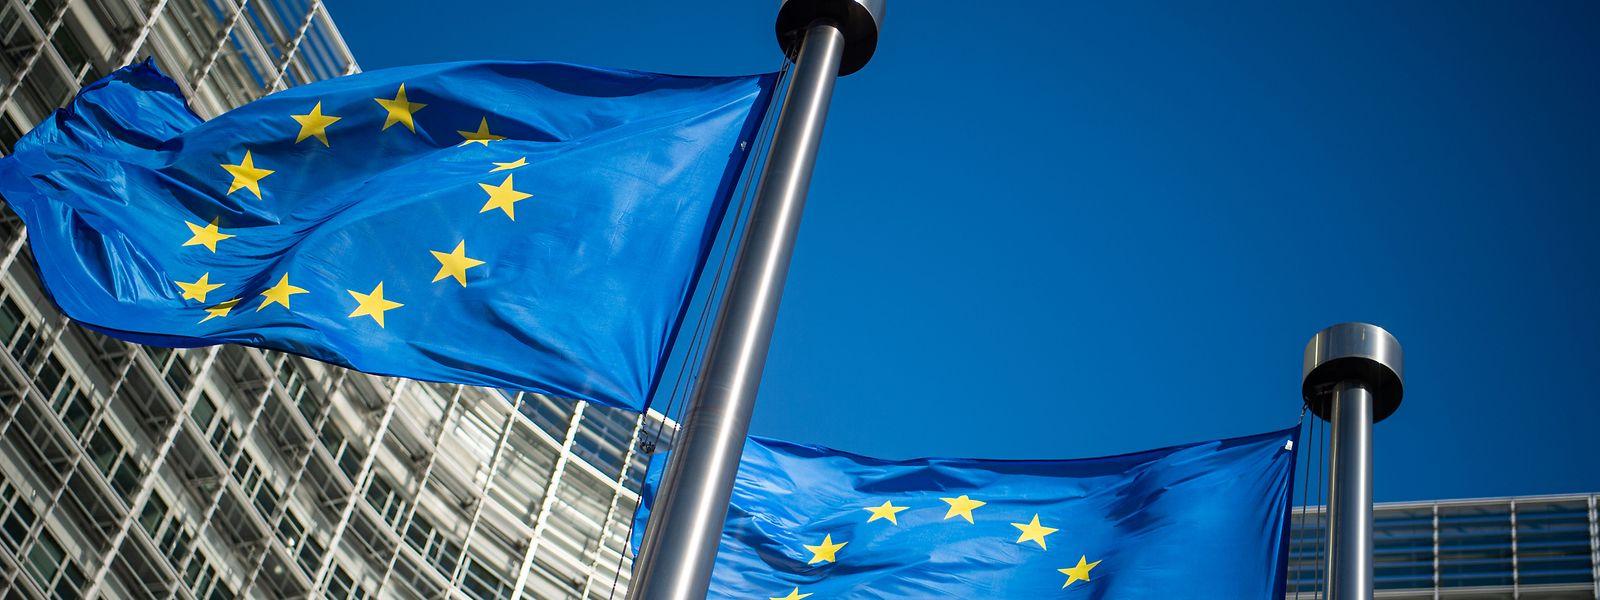 Brüssel: Das Berlaymont-Gebäude, der Sitz der Europäischen Kommission.